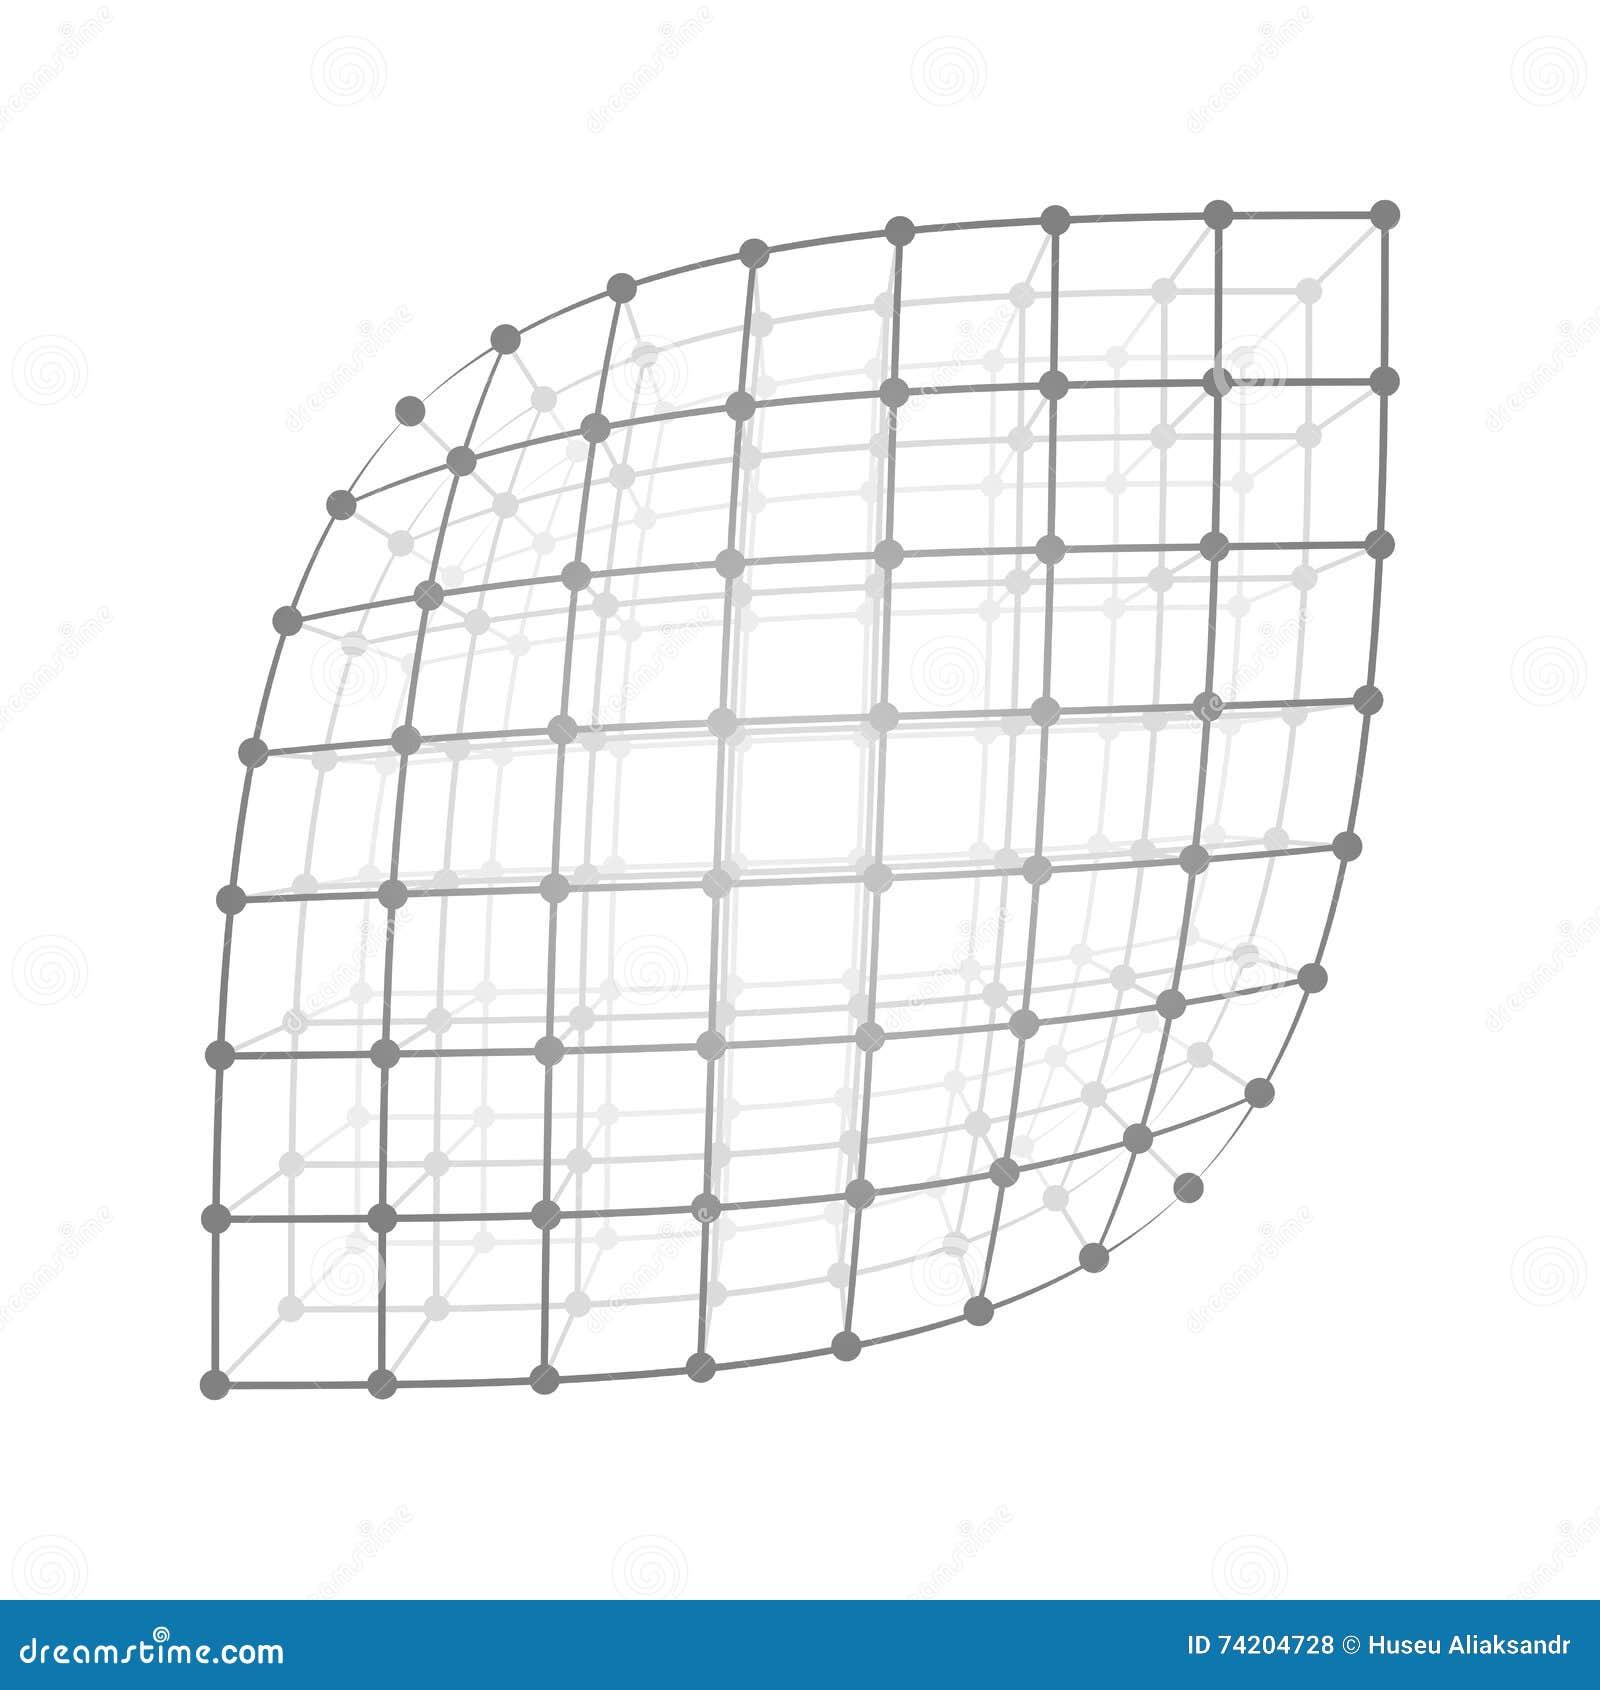 Wireframe mesh sheet